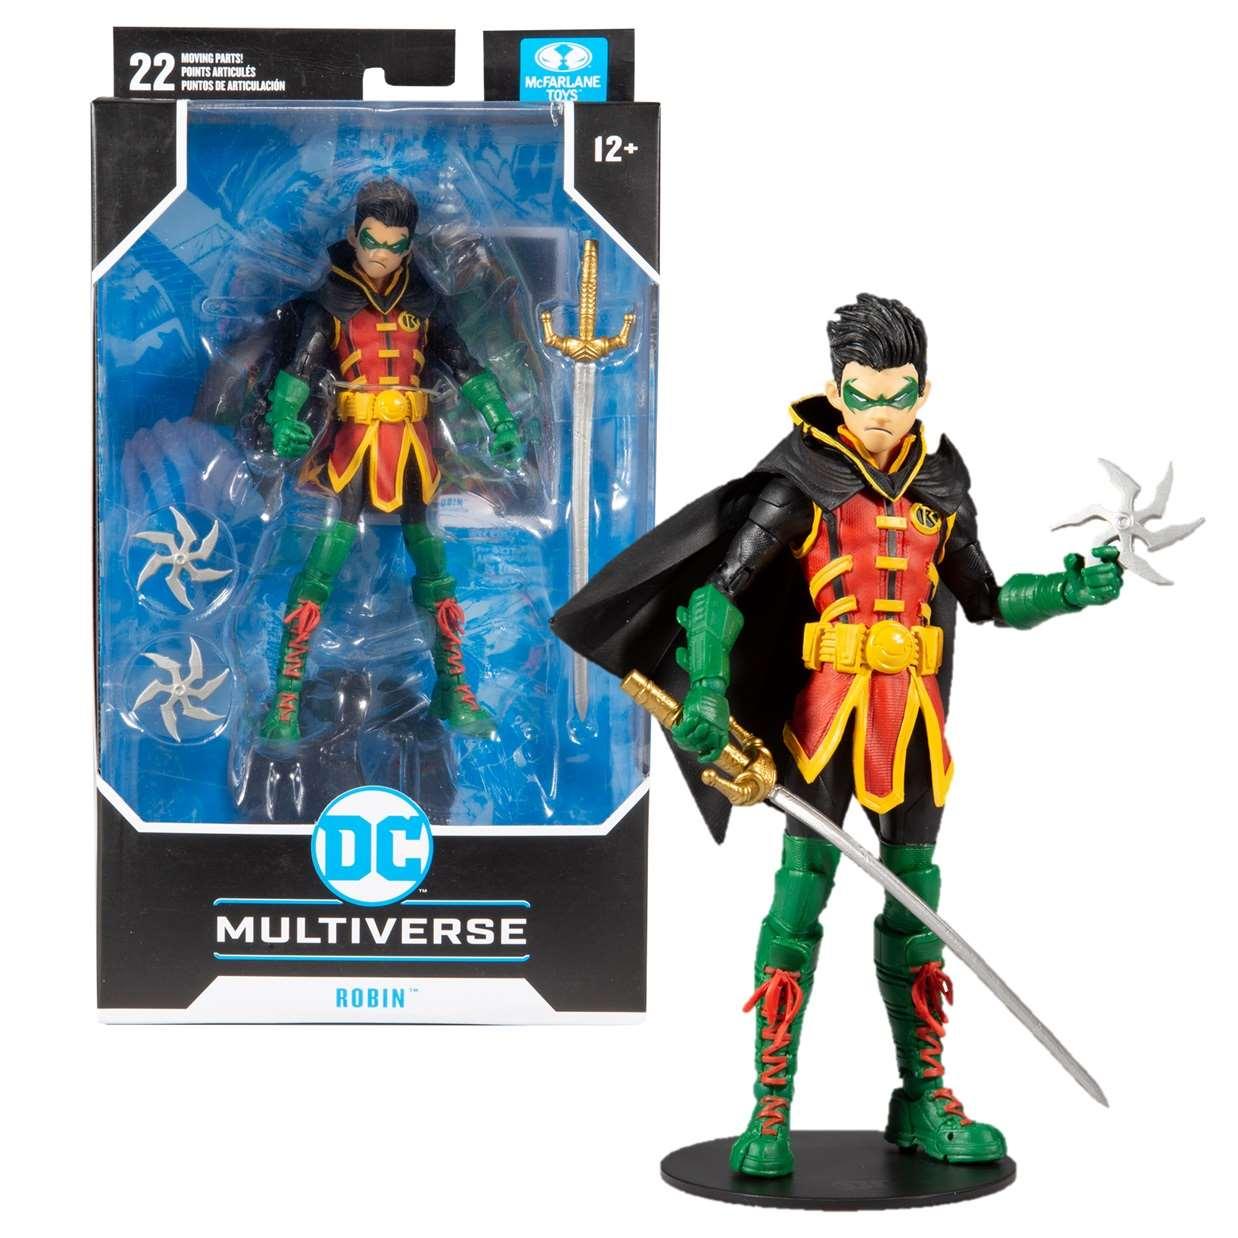 Robin Figura Dc Rebirth Multiverse Mc Farlane 6 PuLG